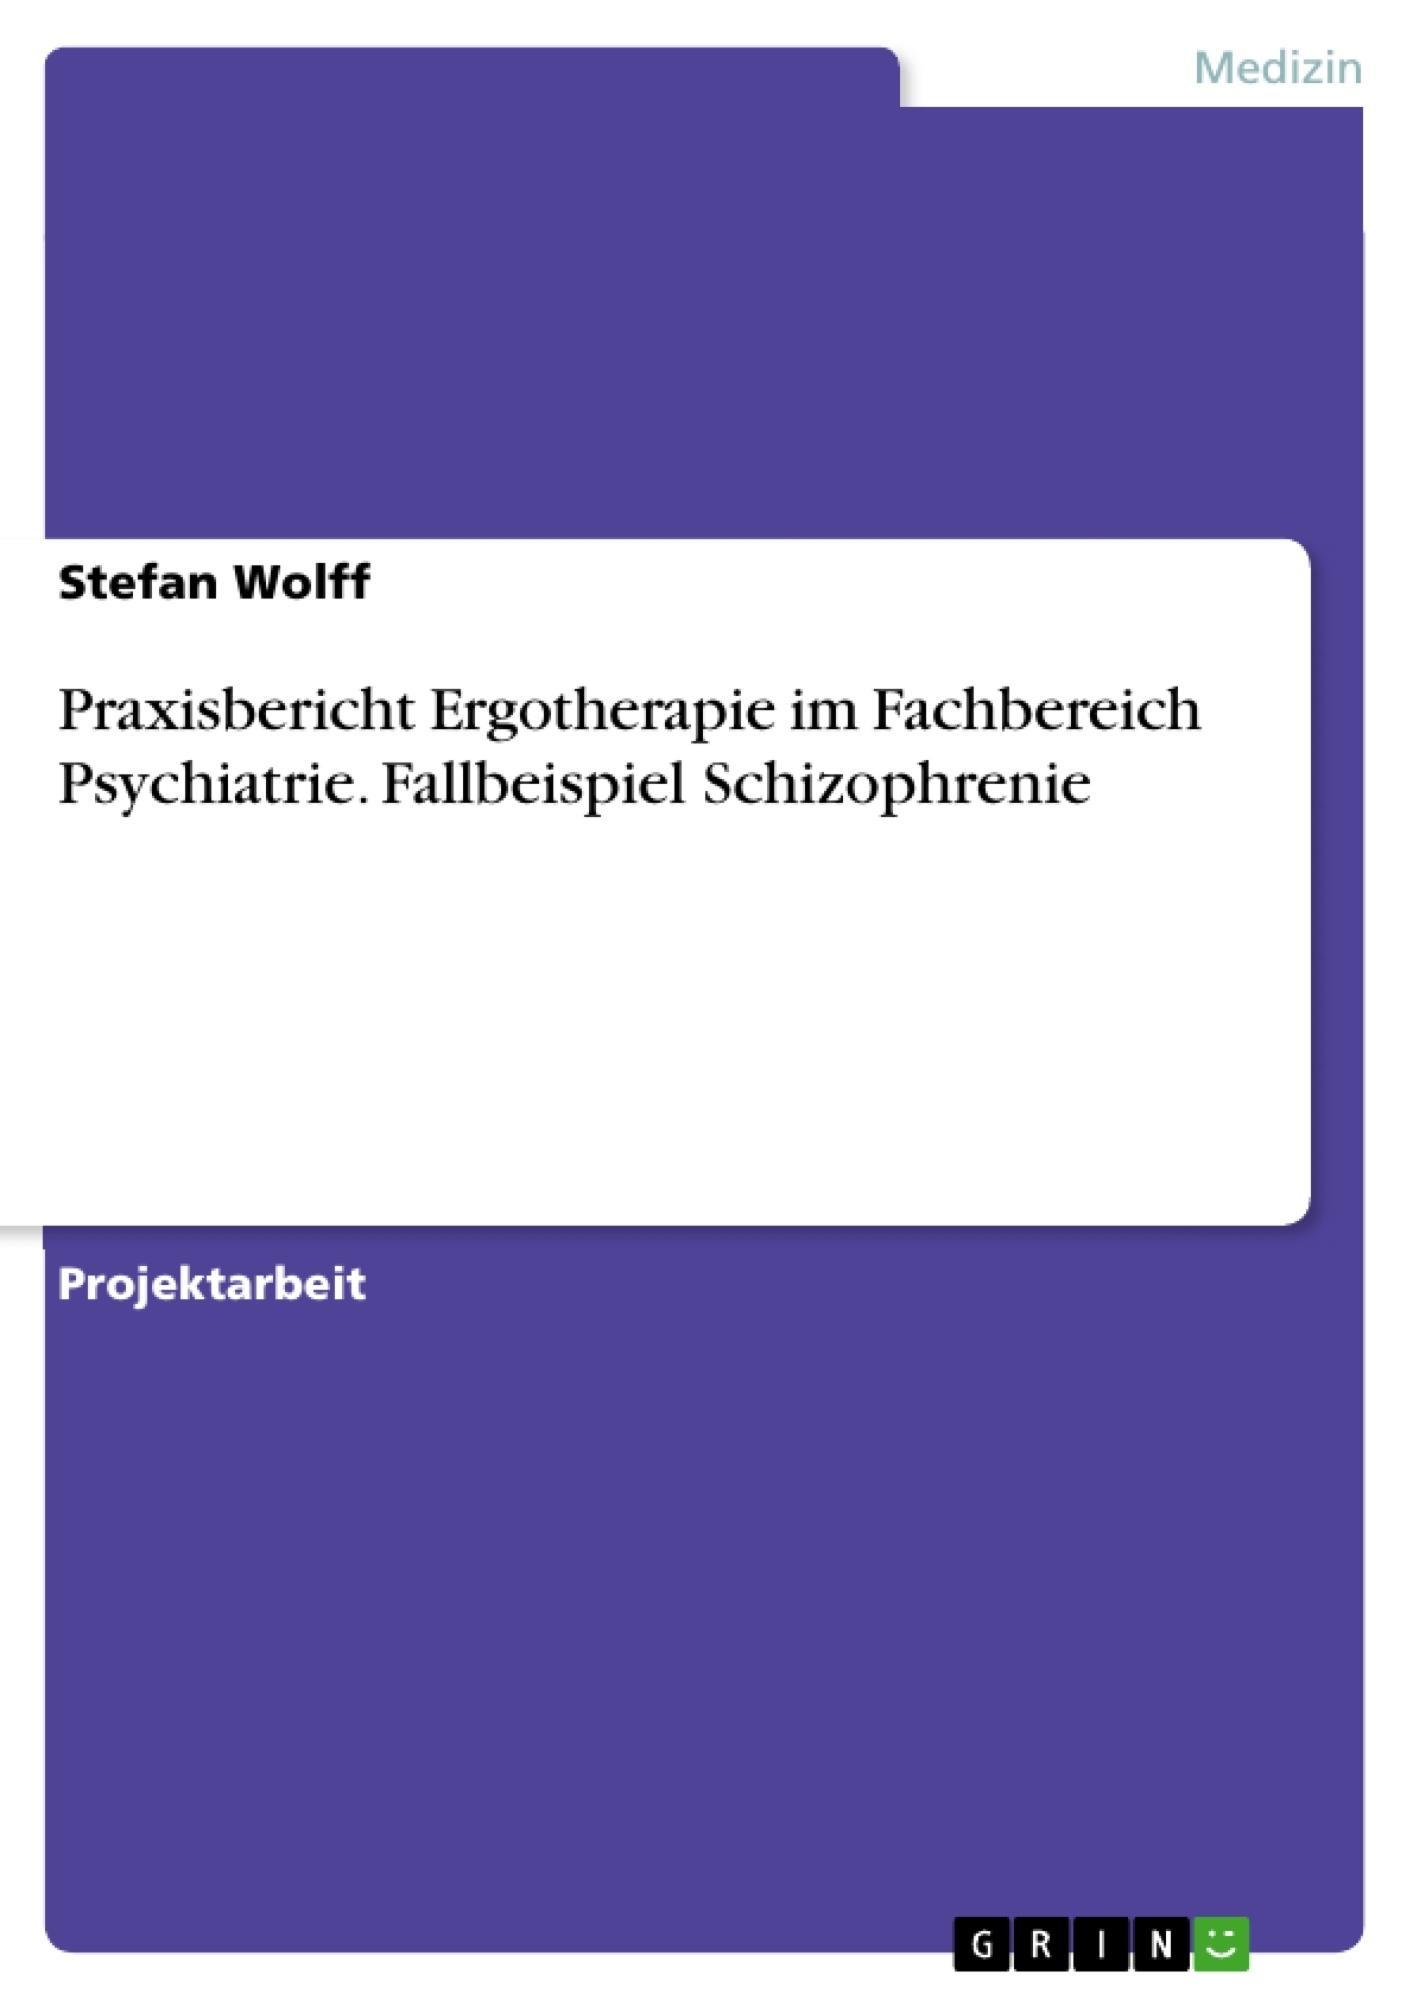 Titel: Praxisbericht Ergotherapie im Fachbereich Psychiatrie. Fallbeispiel Schizophrenie